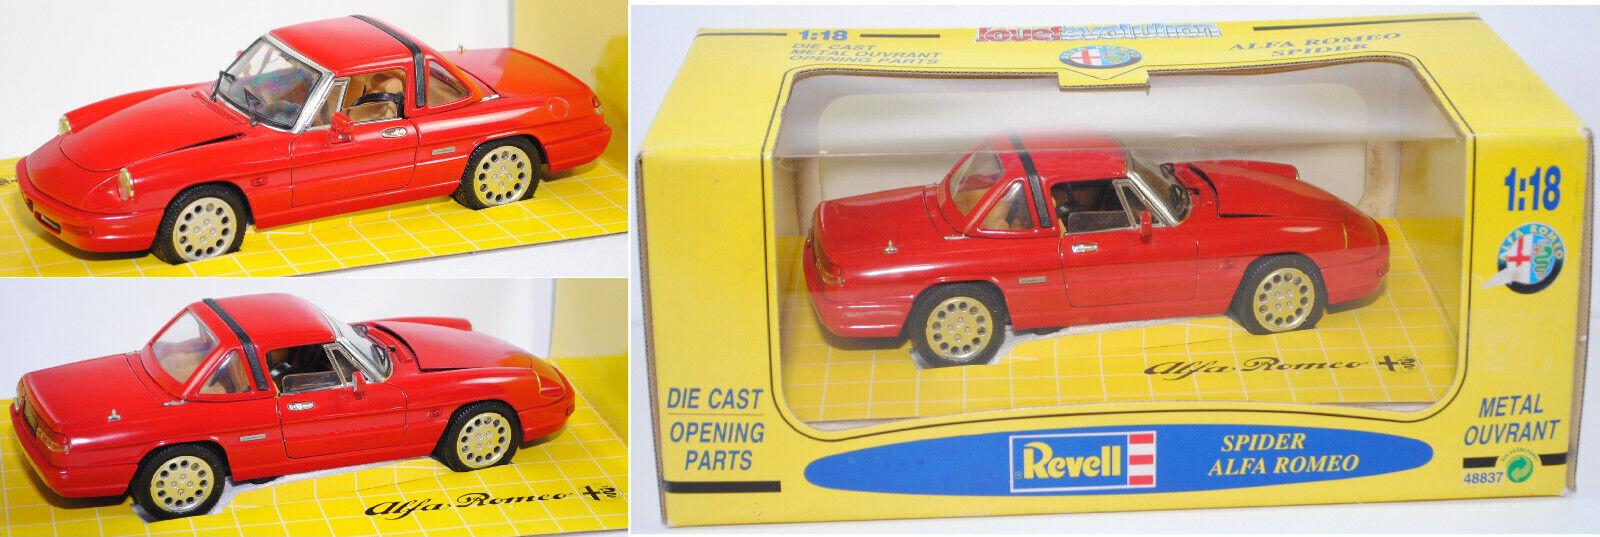 Revell 48837 Alfa Romeo Spider 2.0 con hardtop, alfa rojo, 1 18